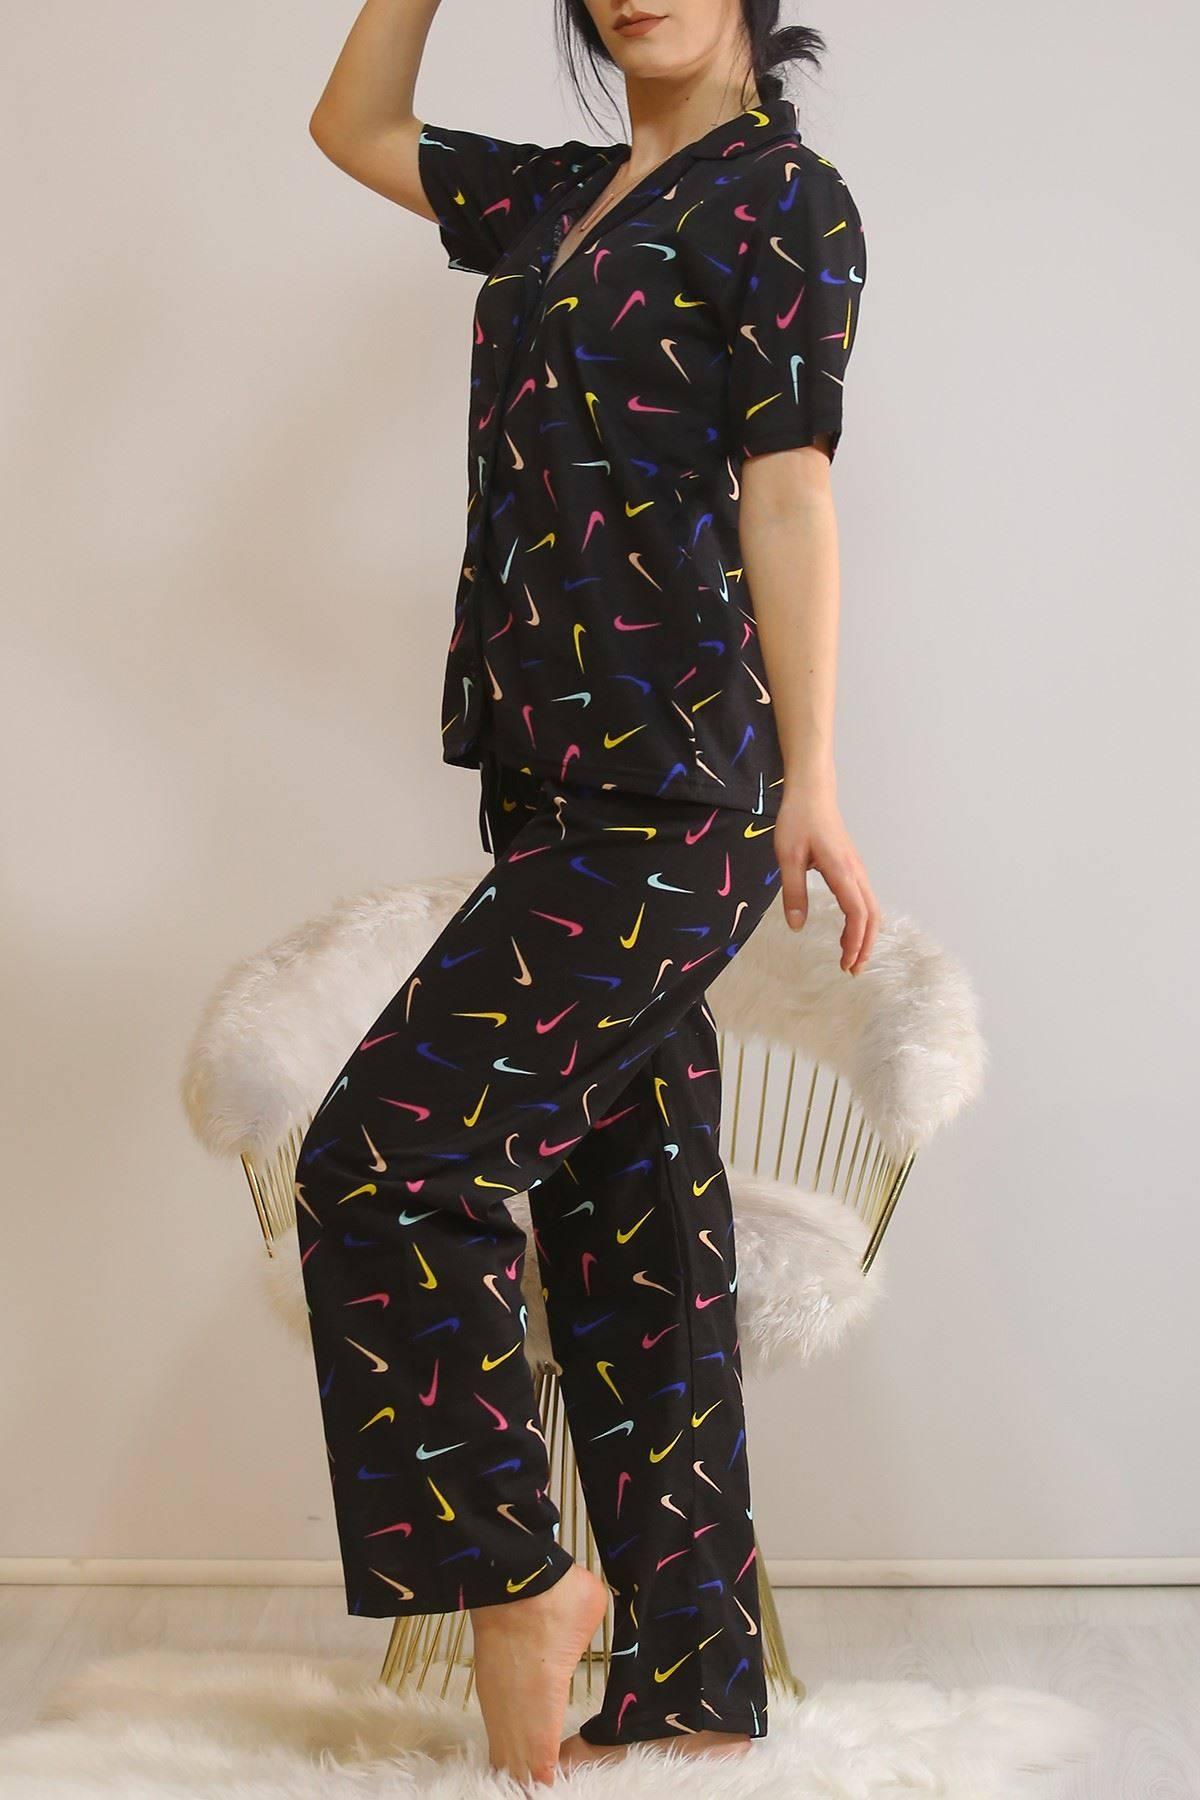 Düğmeli Pijama Takımı Siyah1 - 4782.102.